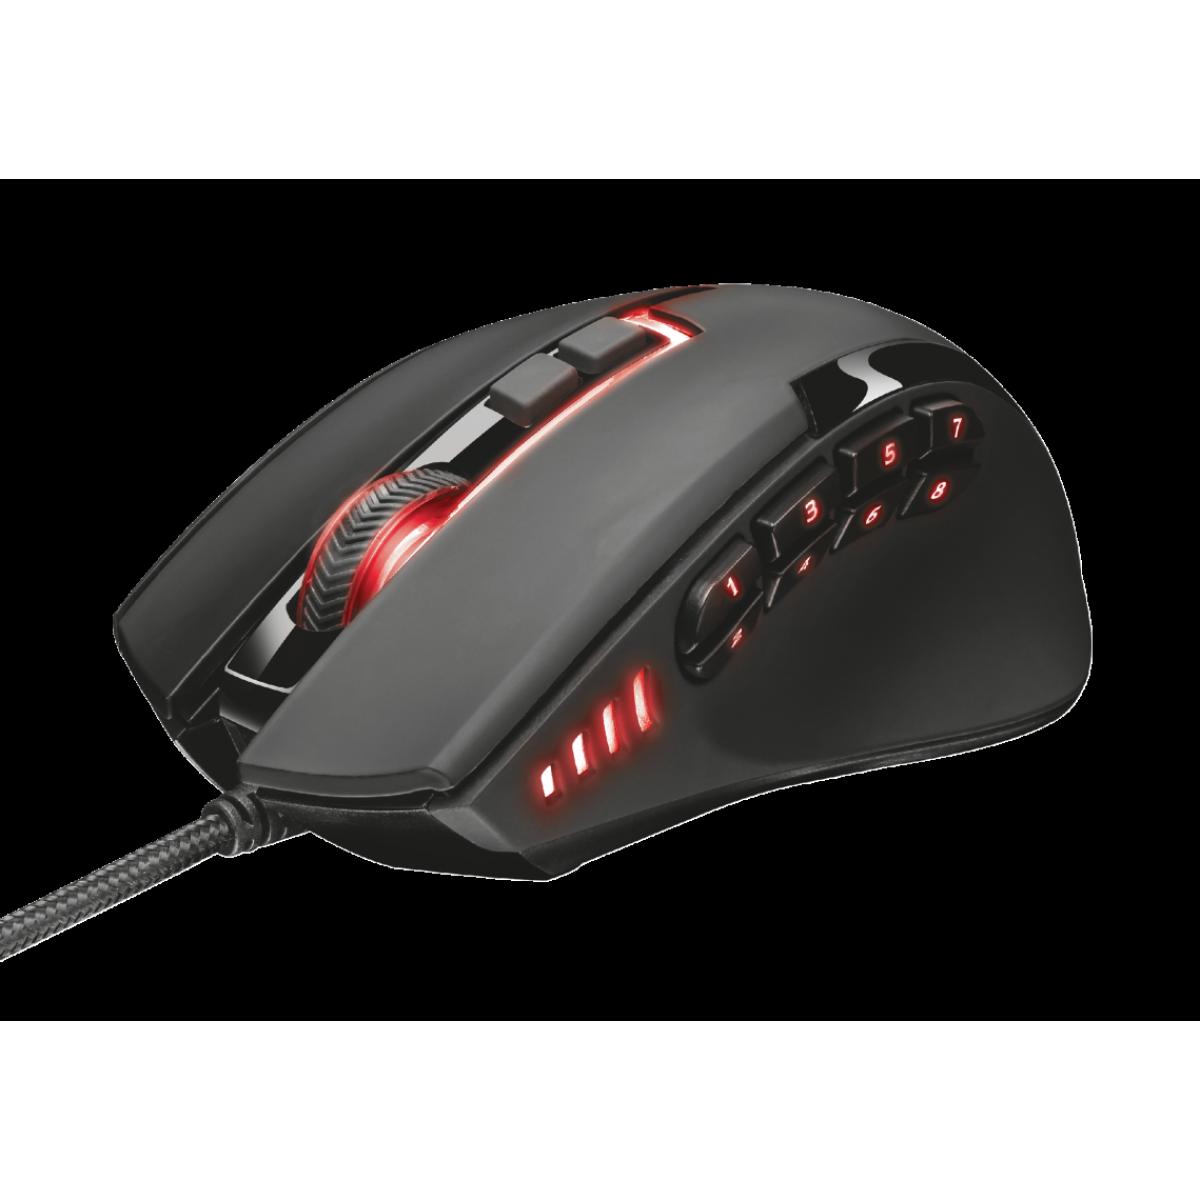 Mouse Gamer Trust,  GXT 164 Sikanda MMO, 5000 DPI, RGB, 13 Botões, Black, T21726